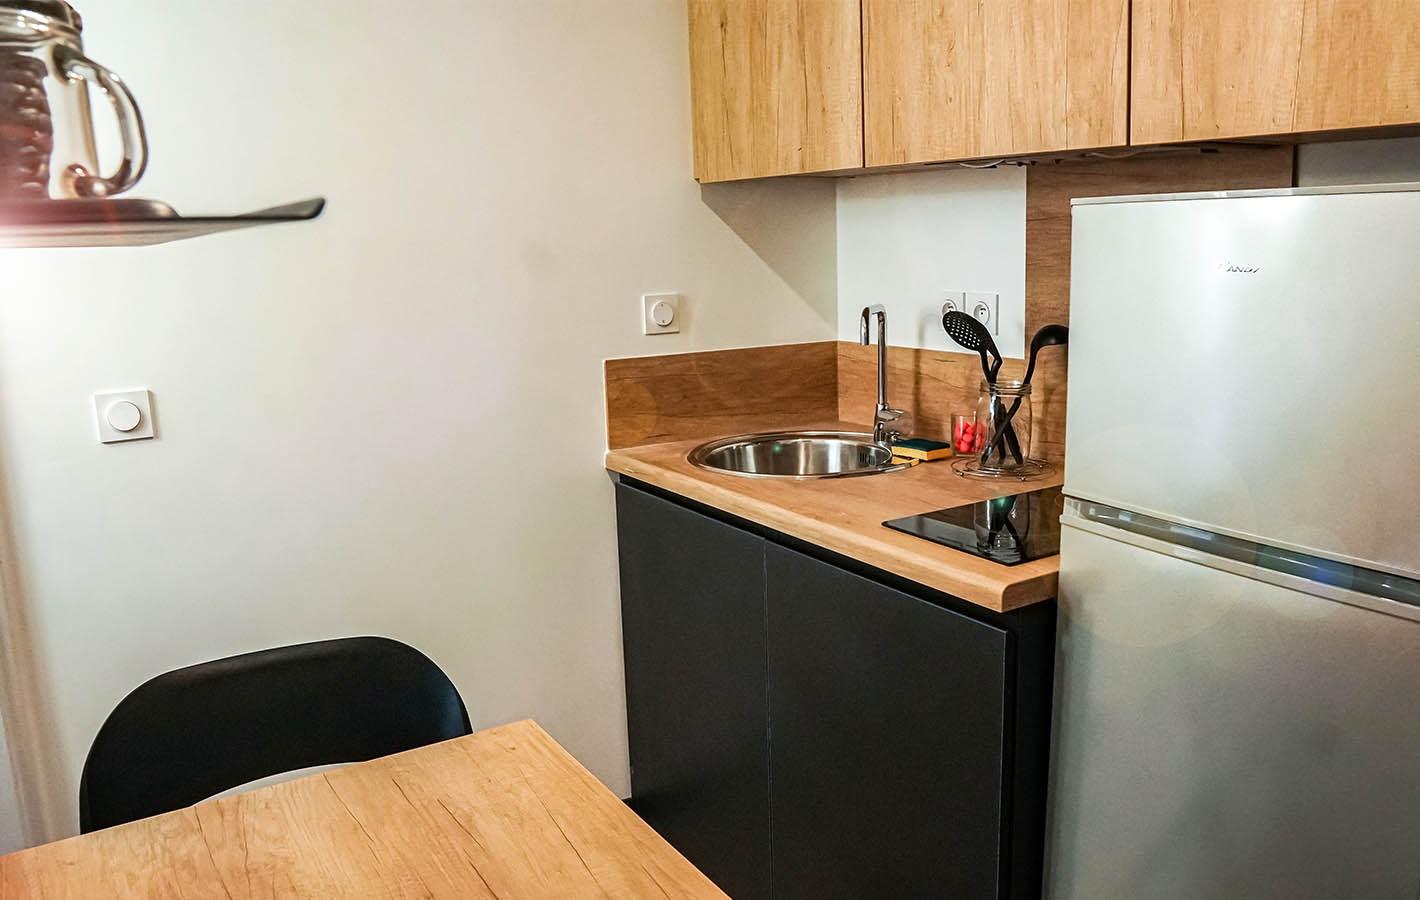 image  2021 01 28 residence etudiante suitetudes kabane montpellier coloc cuisine 1 compr